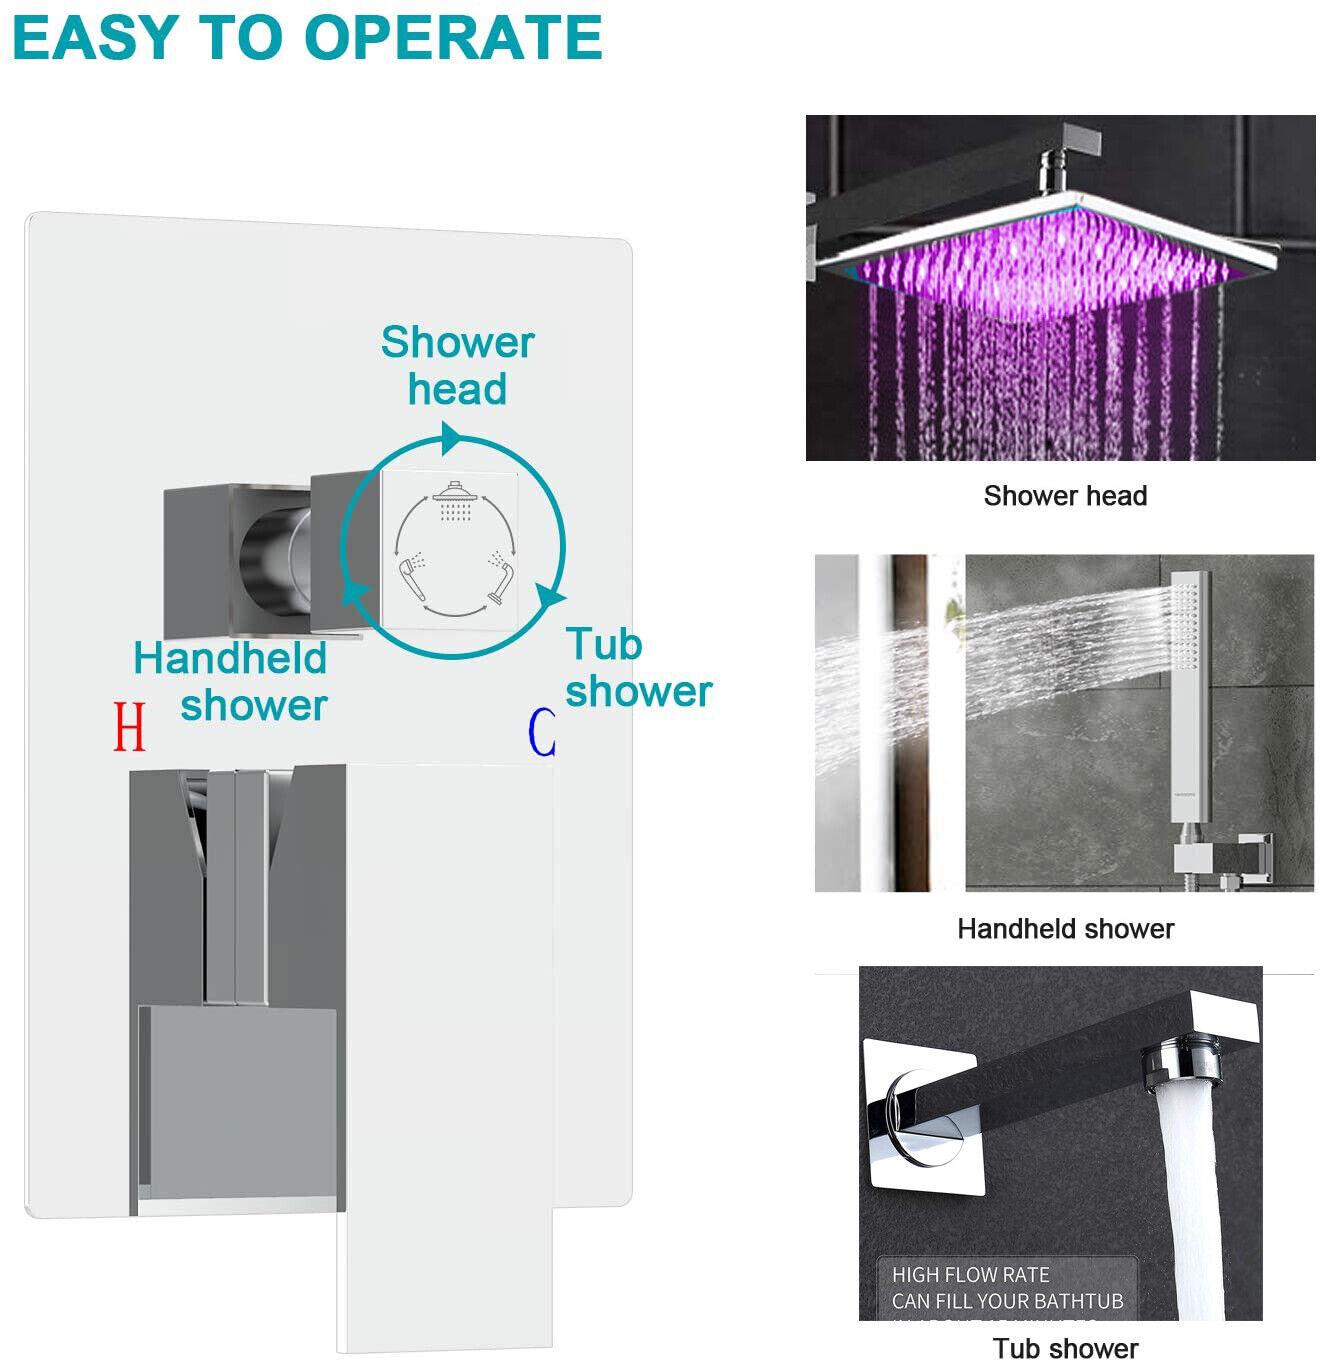 Shower Faucet Set 8 LED Rainfall Head Combo Kit Tub Filler Mixer Valve Chrome - $85.99